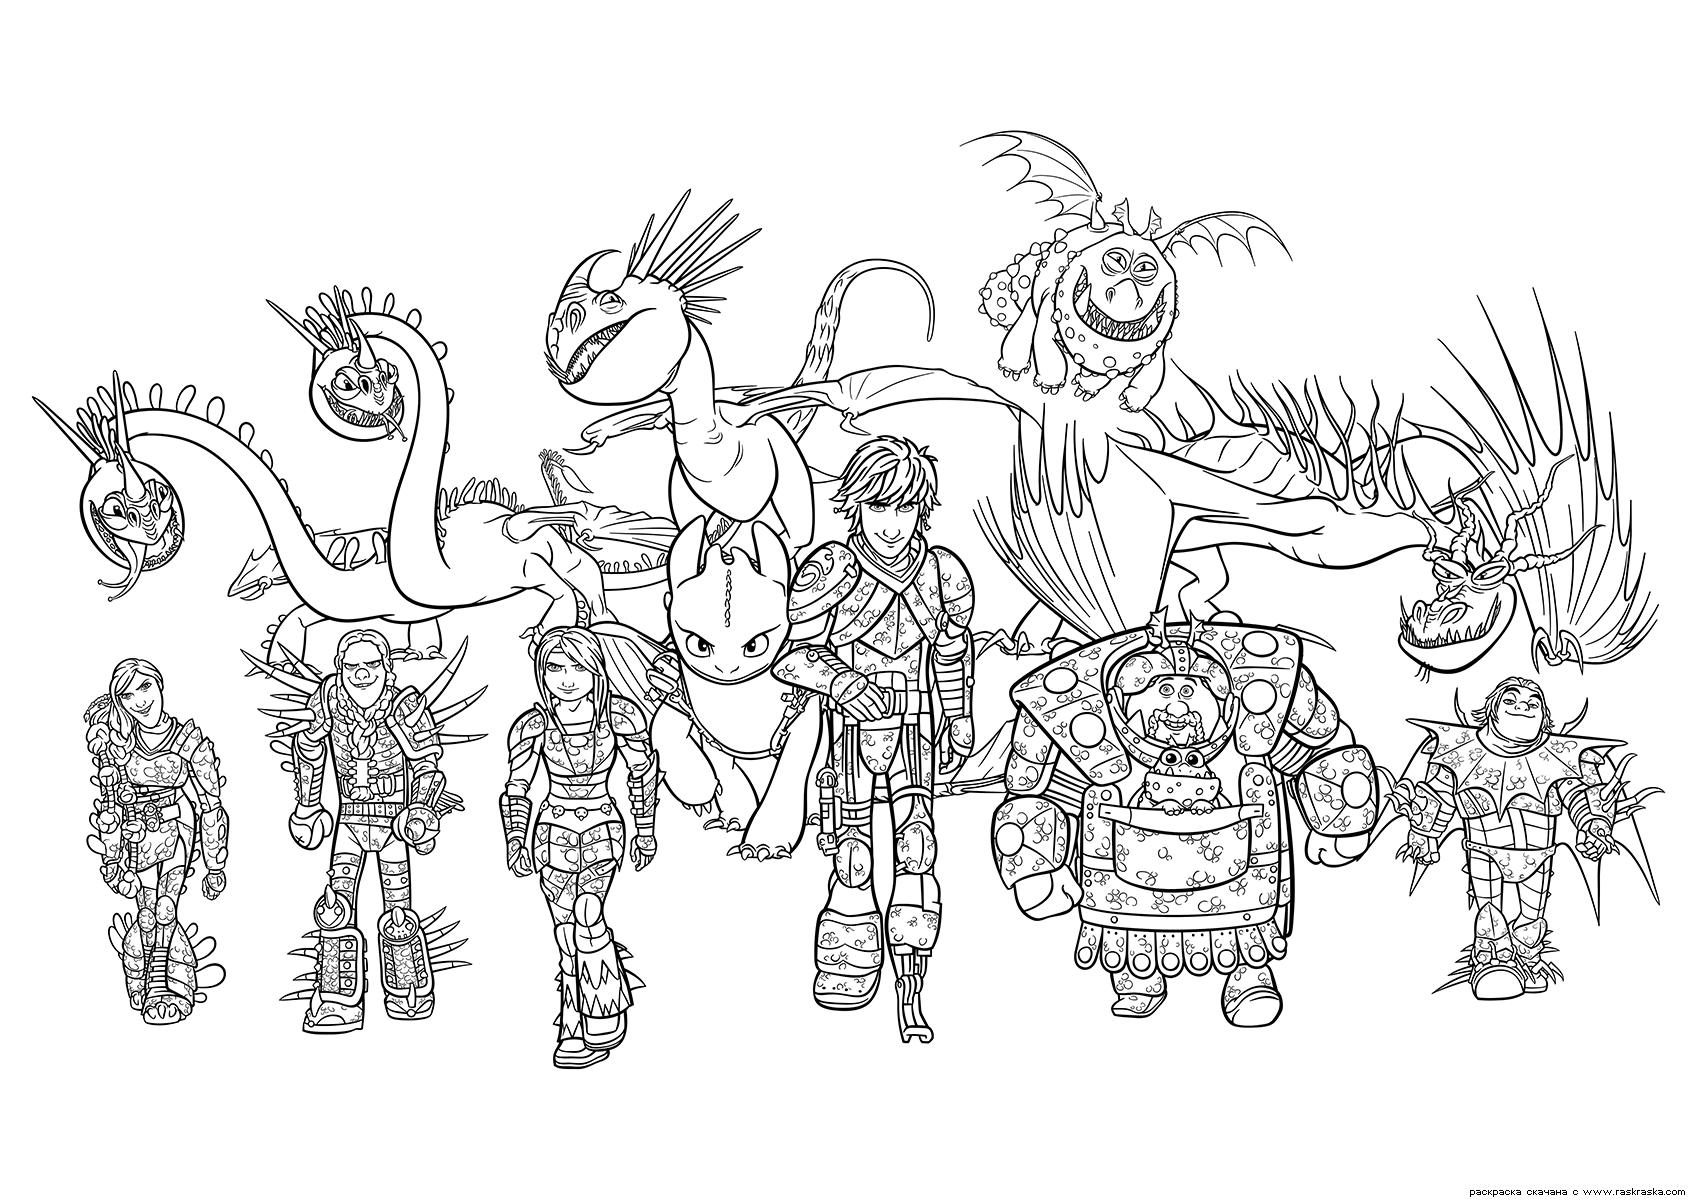 Раскраска Драконы и викинги. Раскраска Команда Олуха, все персонажи мультфильма Как приручить дракона 3